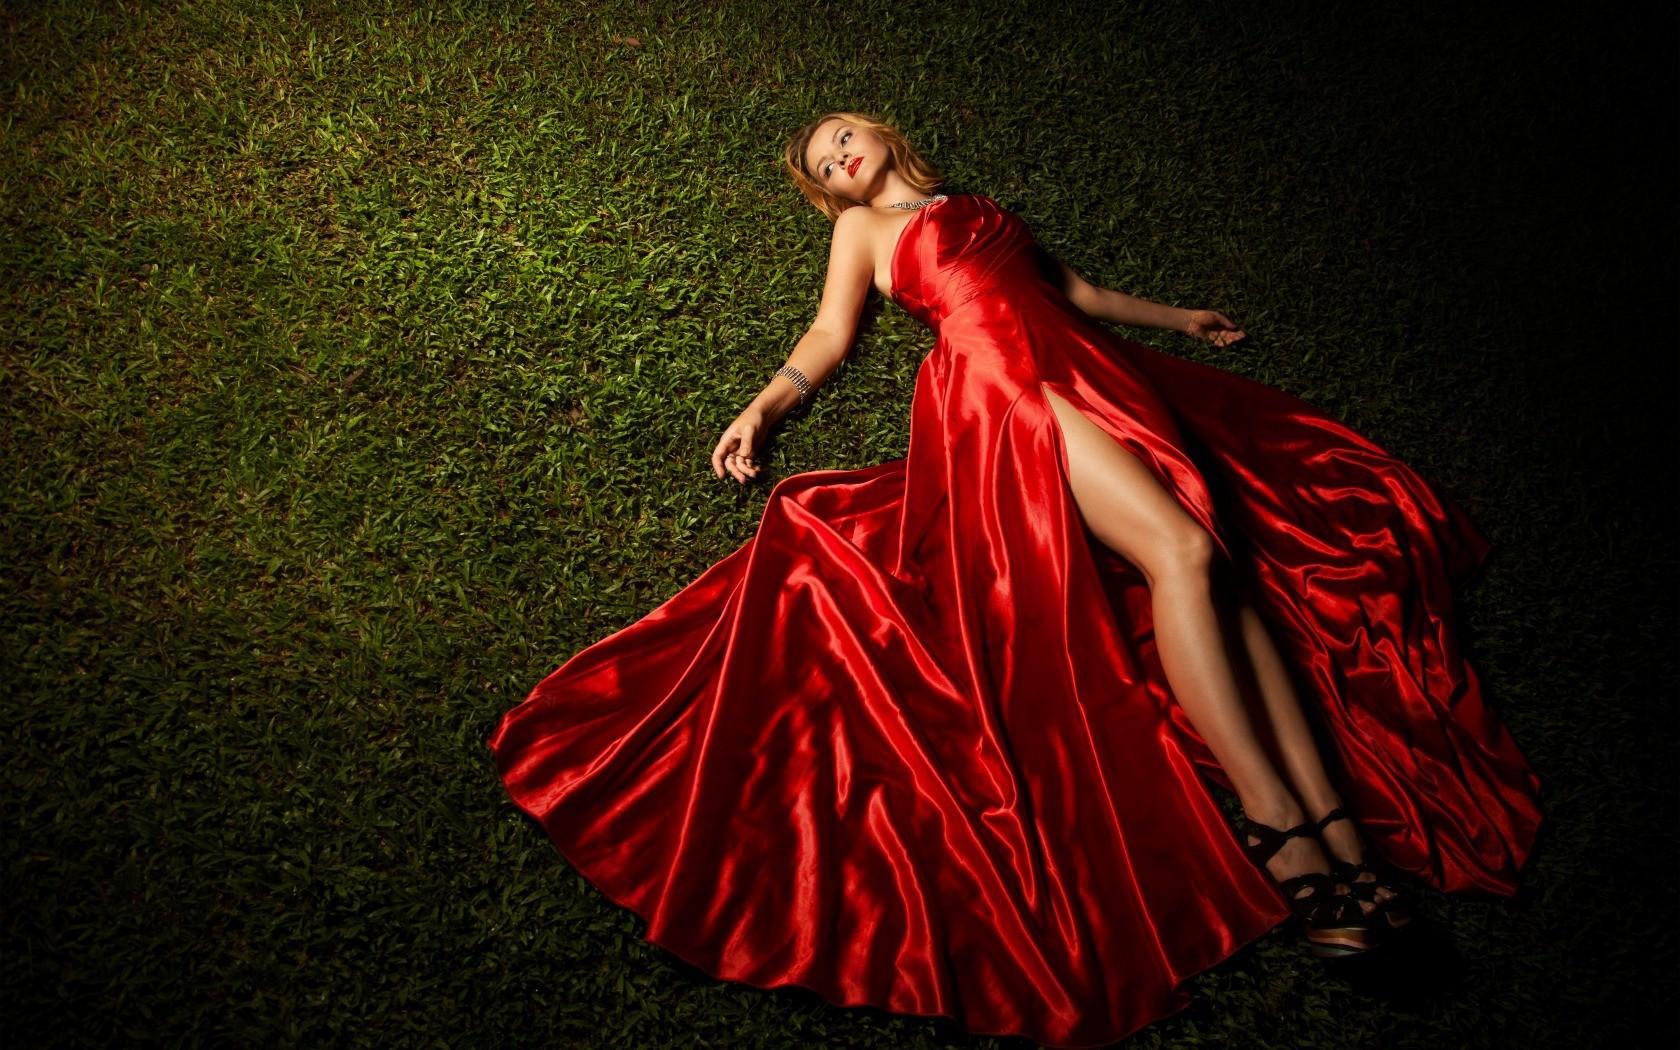 партнера весьма красивая девушка в красном платье отдается видео